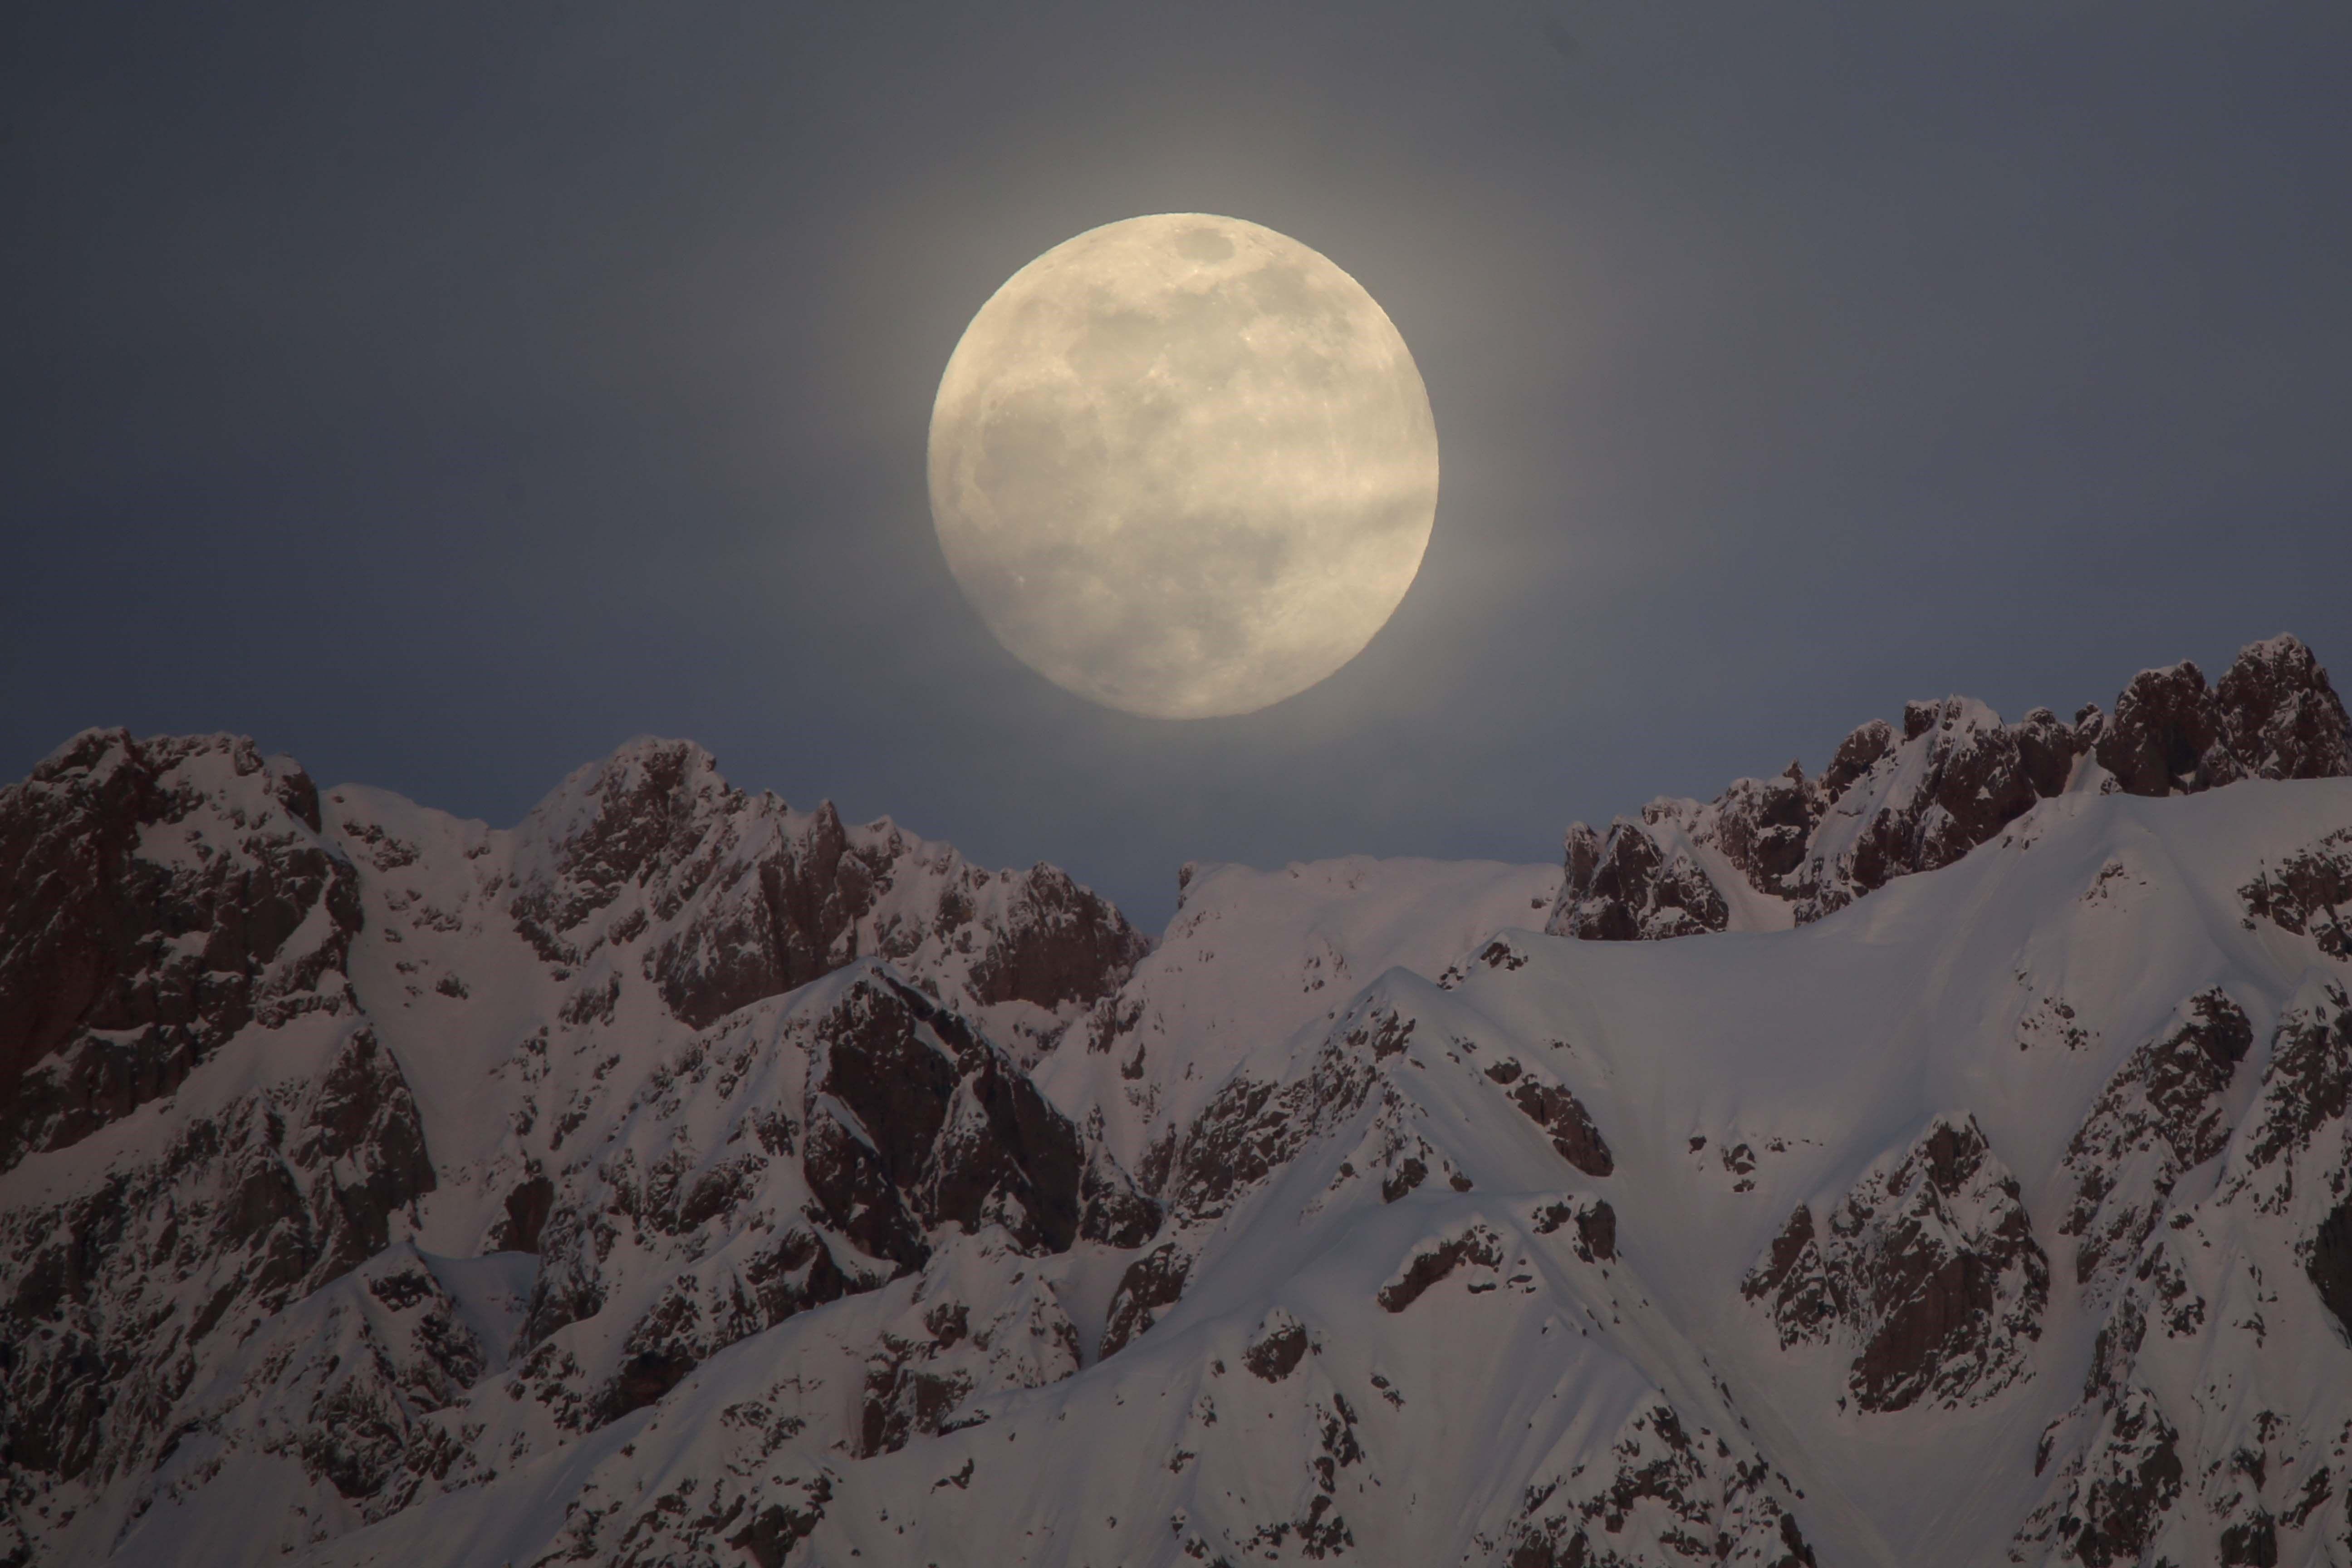 月 満月 2020 2 2020年水瓶座の新月と獅子座の満月。「わたしだけのムーンガイド」申込み受付開始!